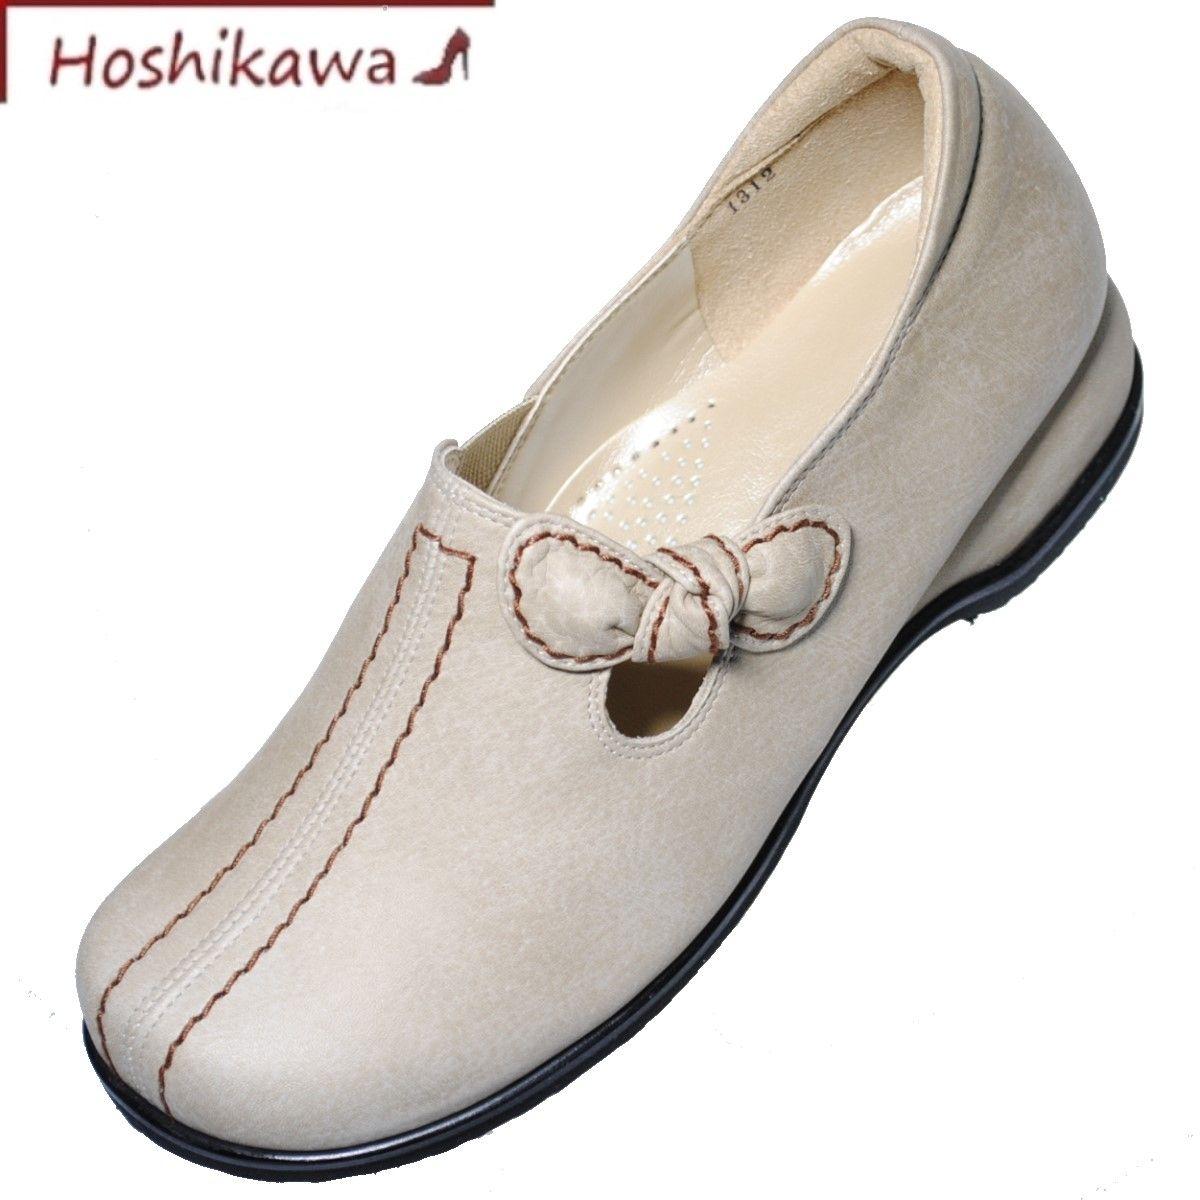 【靴のHOSHIKAWA】 『MODE NINE 1312』21.5cm~25cm4E